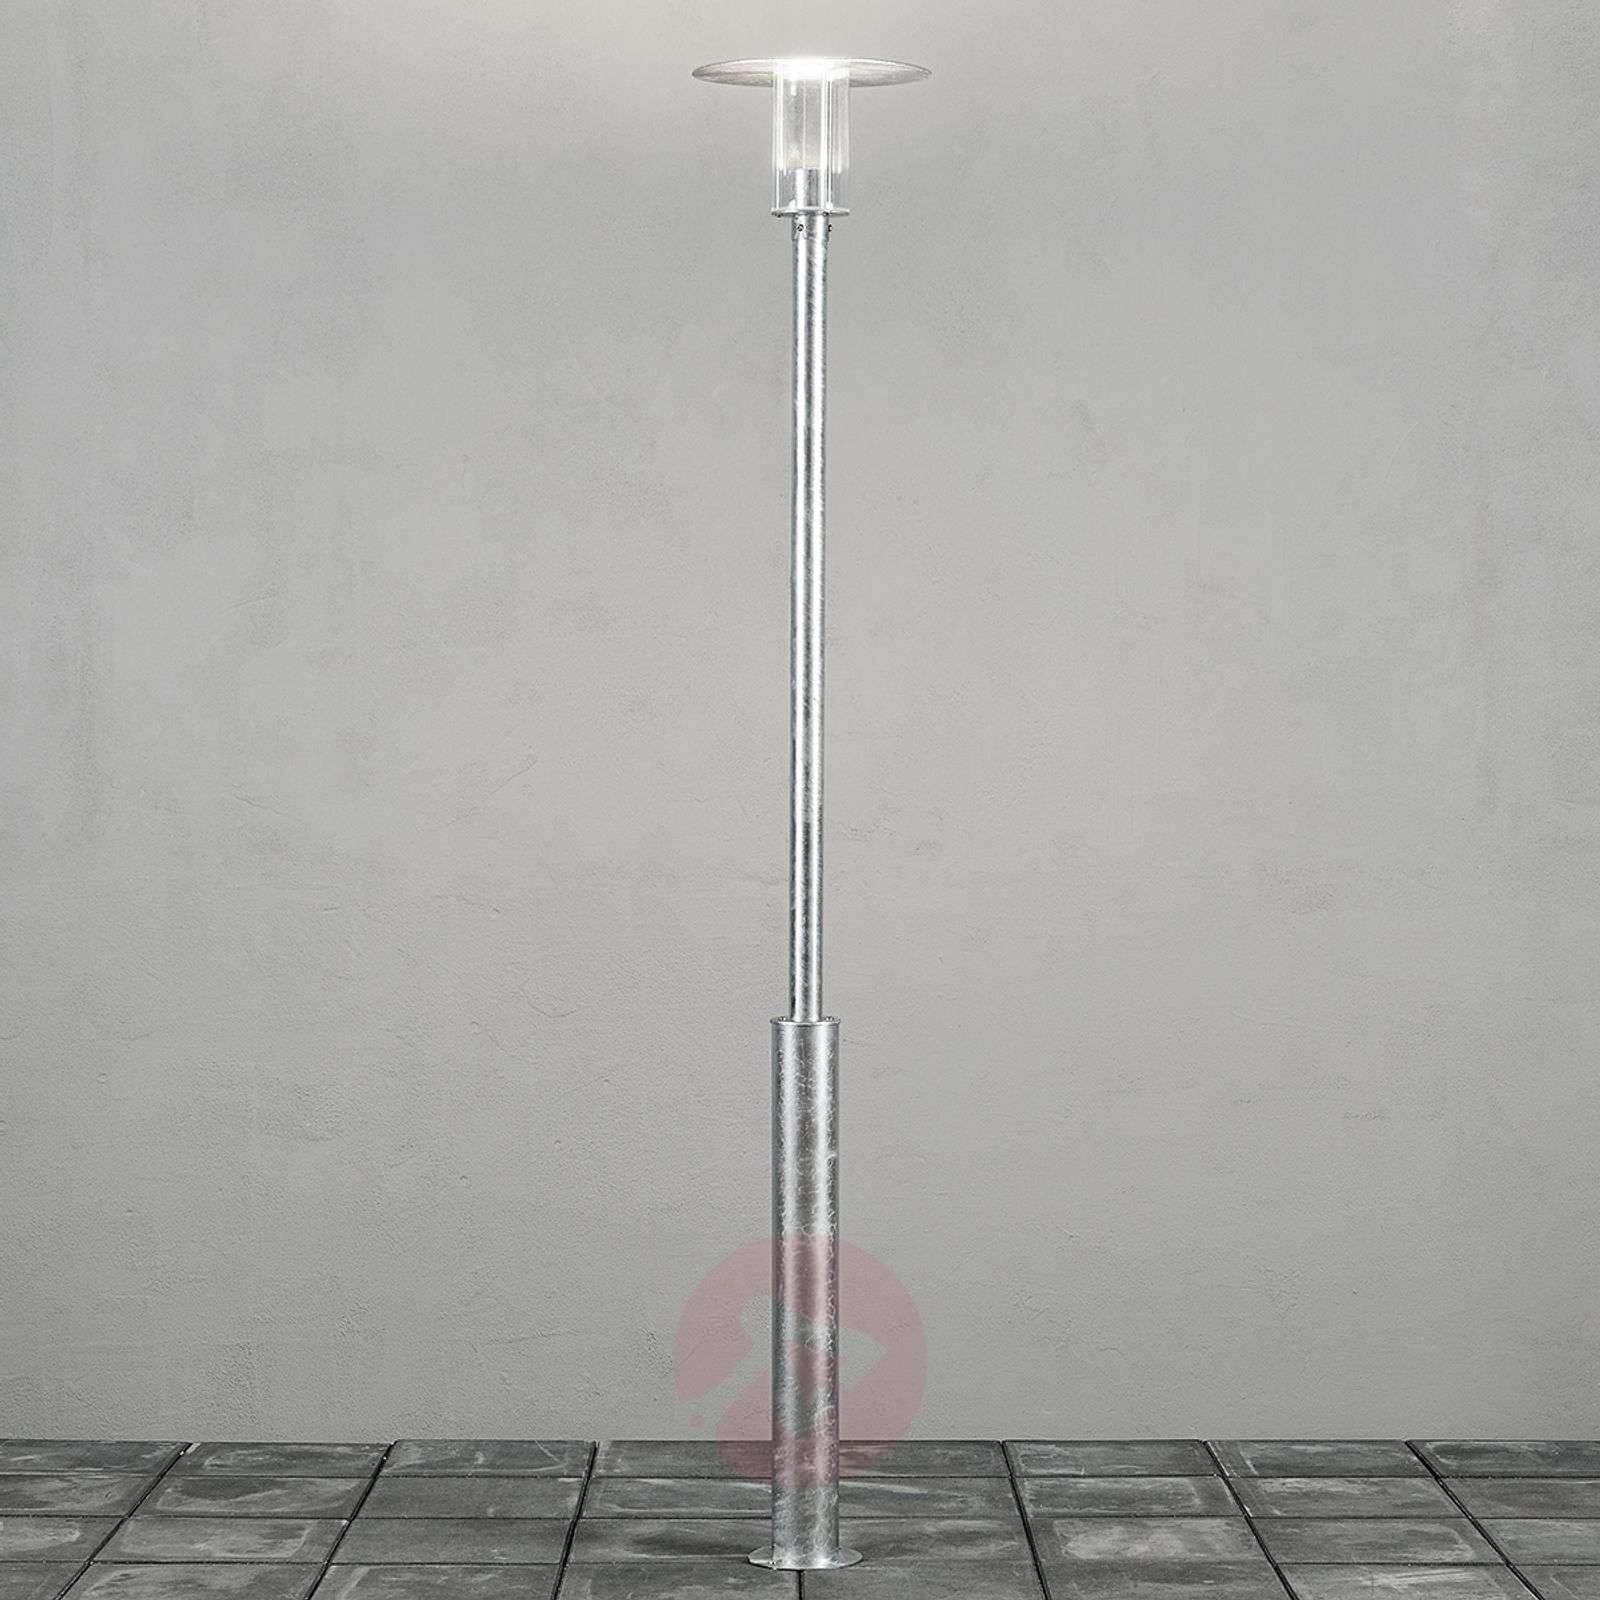 Himmennettävä lyhtypylväs Mode LED IP54-5522440-01